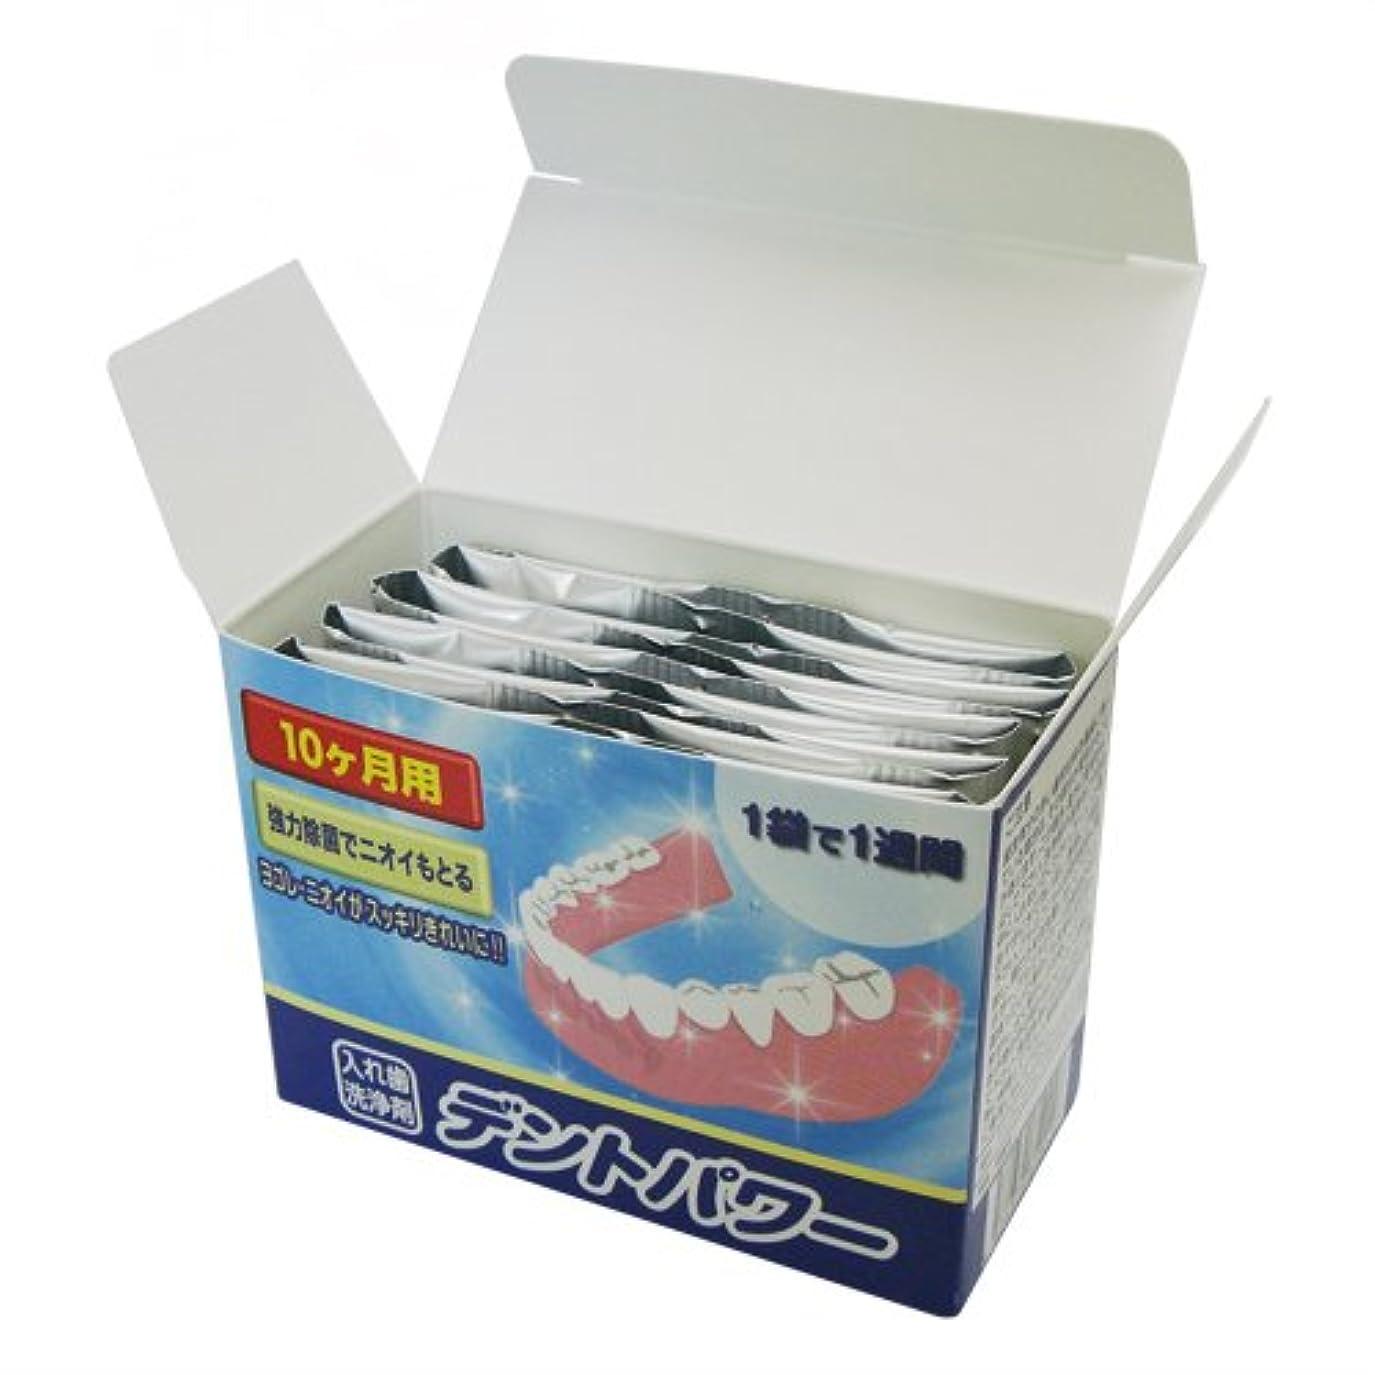 少なくとも進化合計デントパワー 入れ歯洗浄剤 10ヵ月用(専用ケース無し)